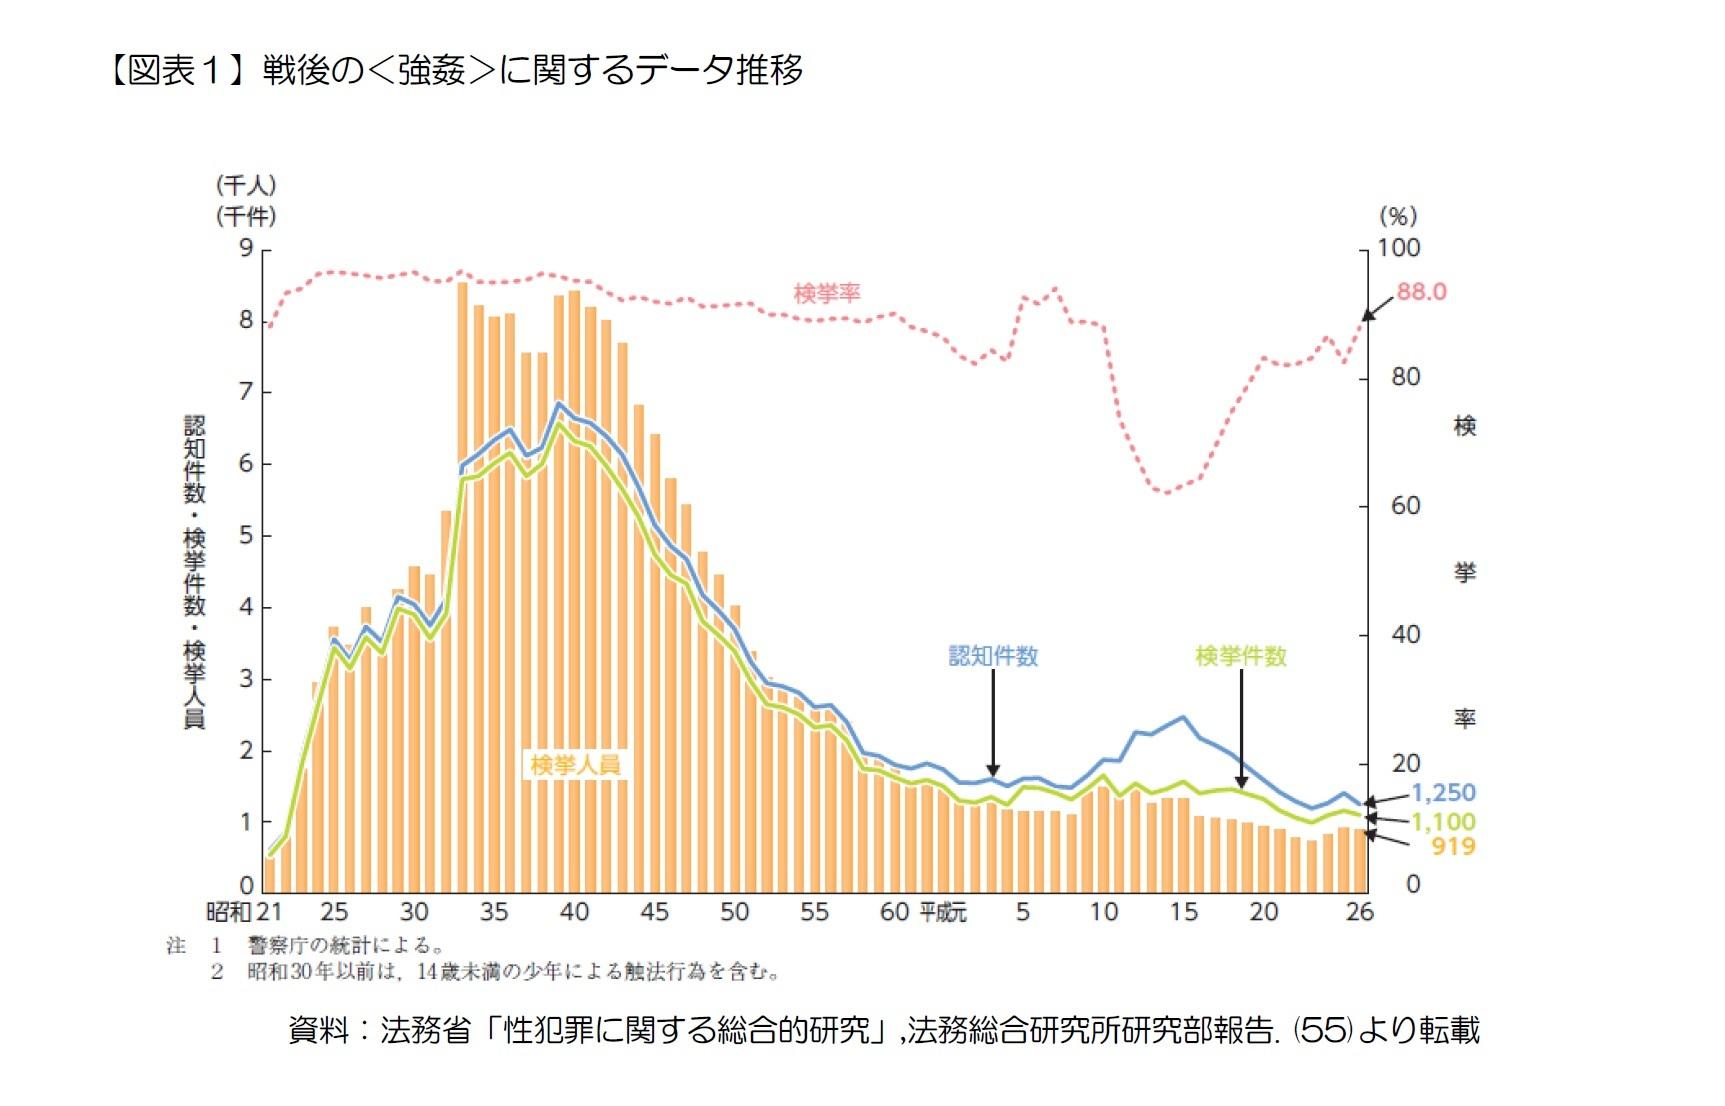 【図表1】戦後の<強姦>に関するデータ推移